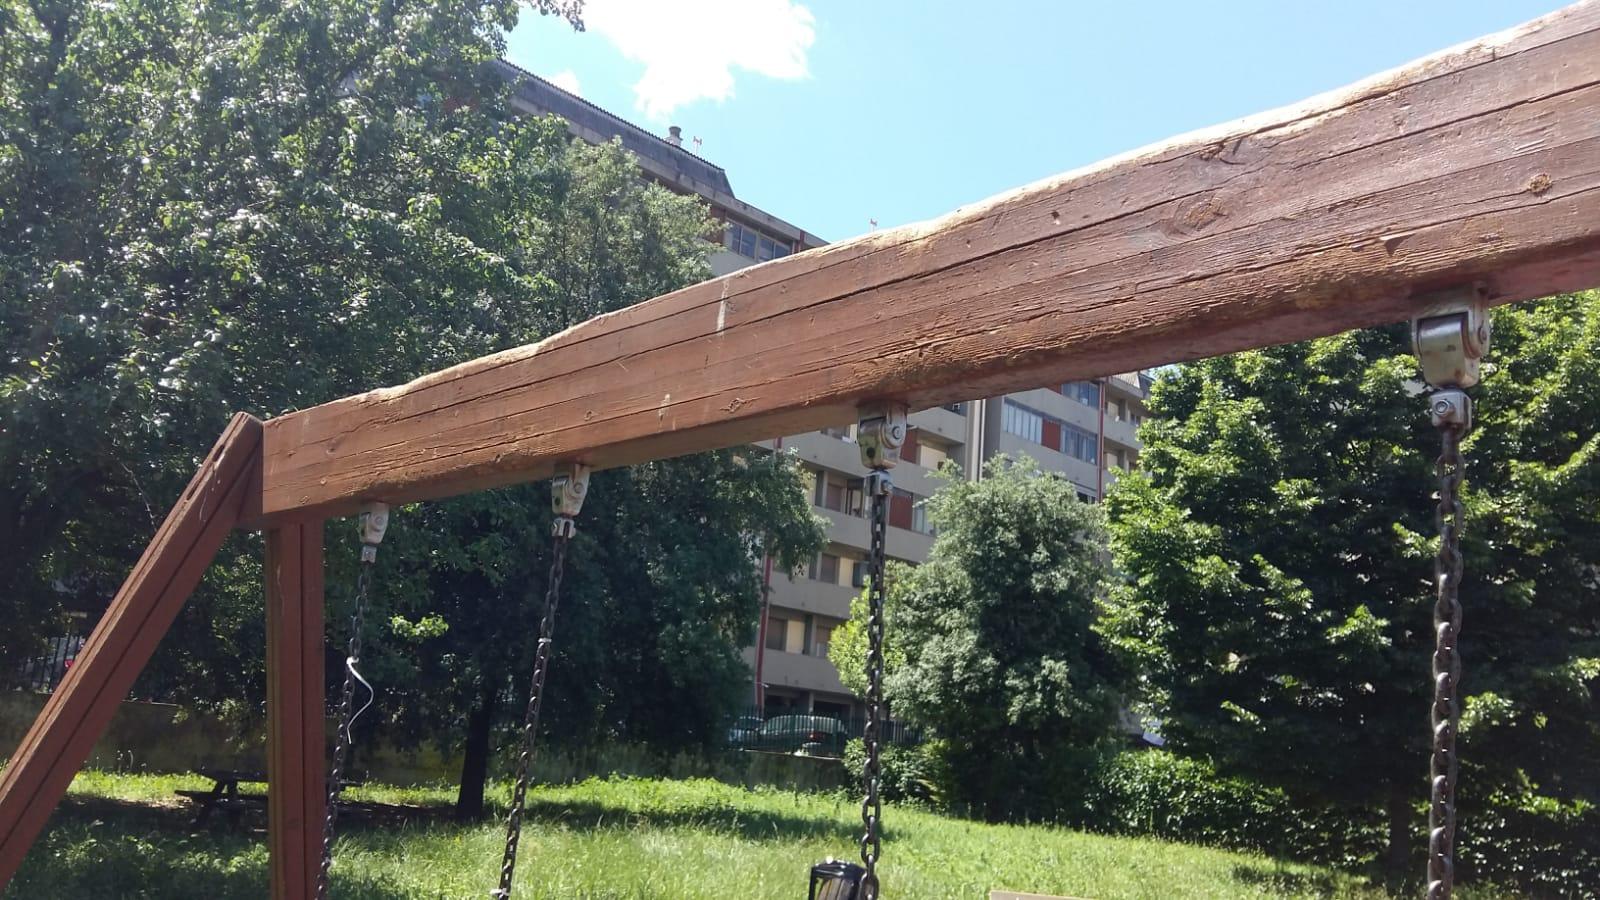 L'architrave portante viene compromessa dai vandali utilizzando le catene e facendo forza